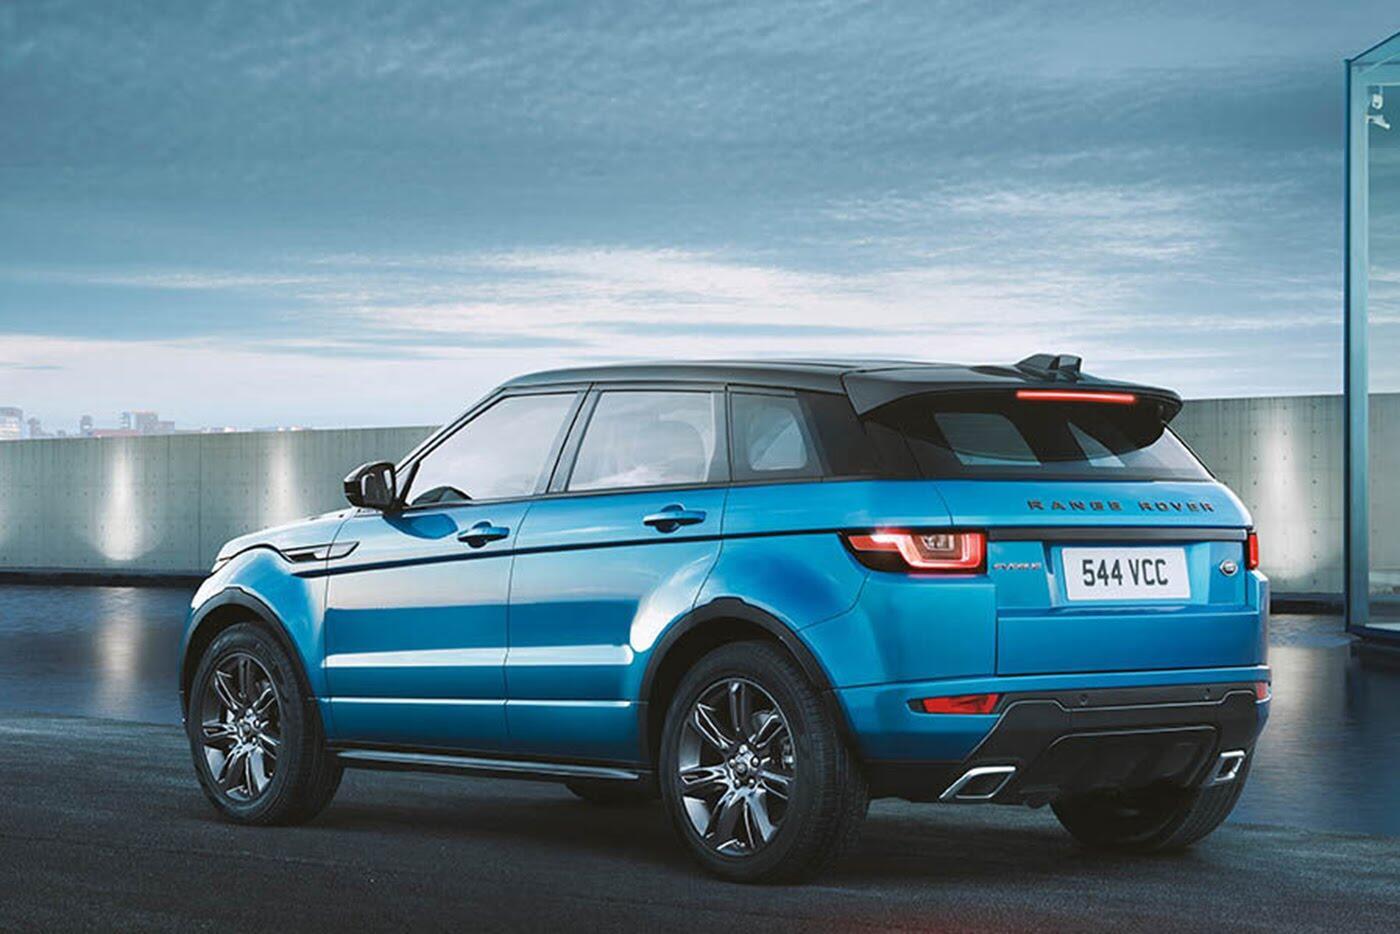 Range Rover Evoque Landmark bản đặc biệt có giá từ 74.350 USD - Hình 4